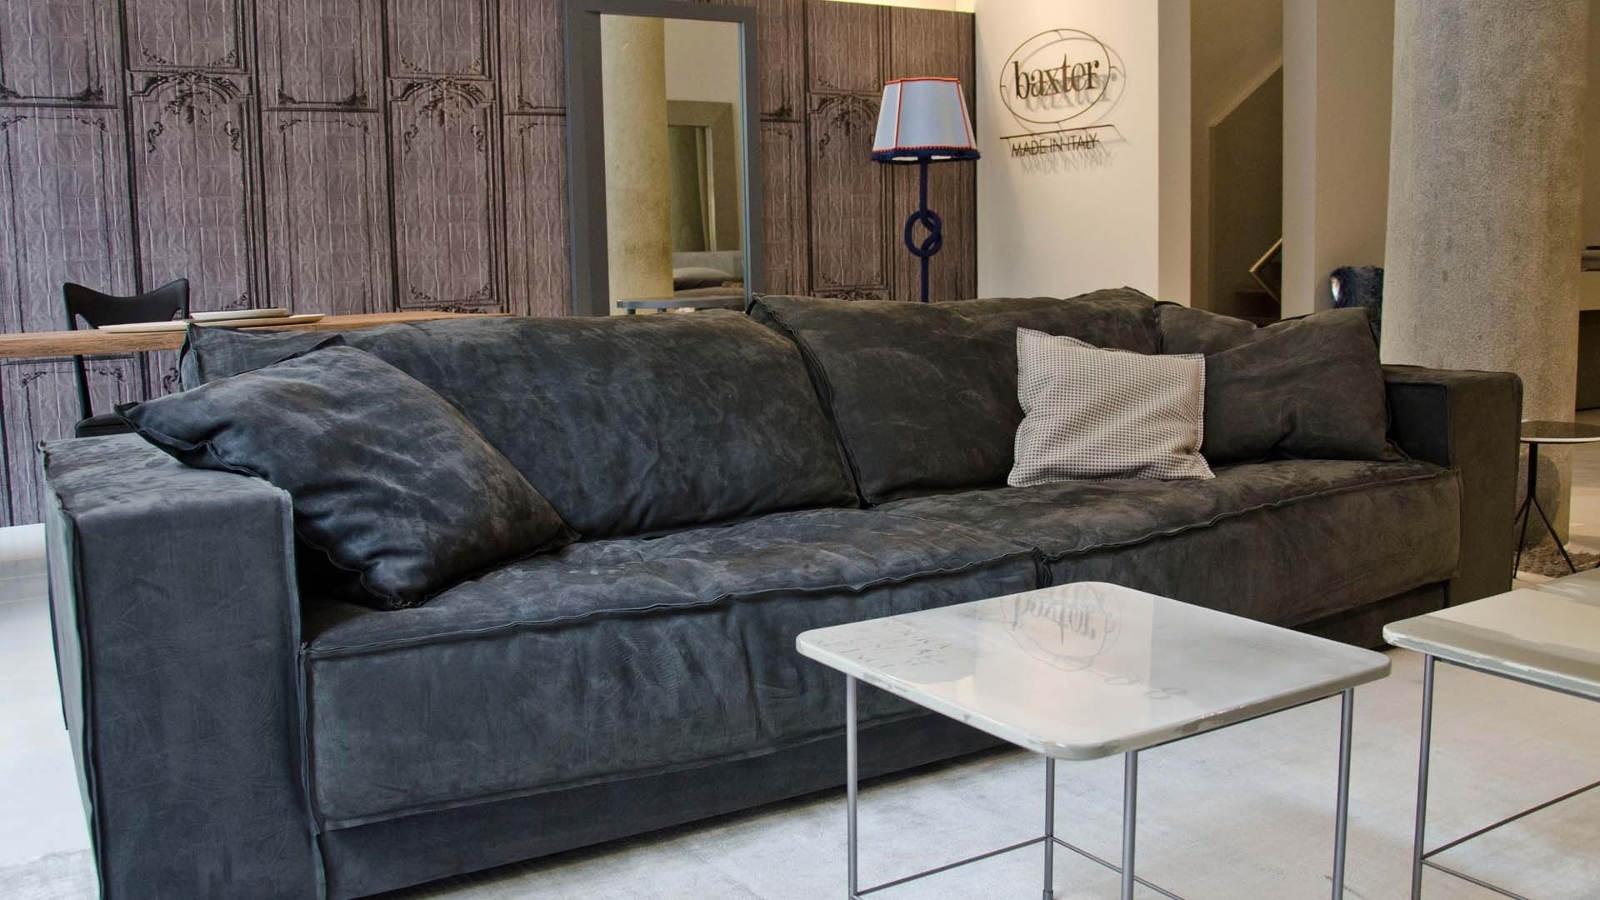 Baxter Budapest Sofa Deplain Com